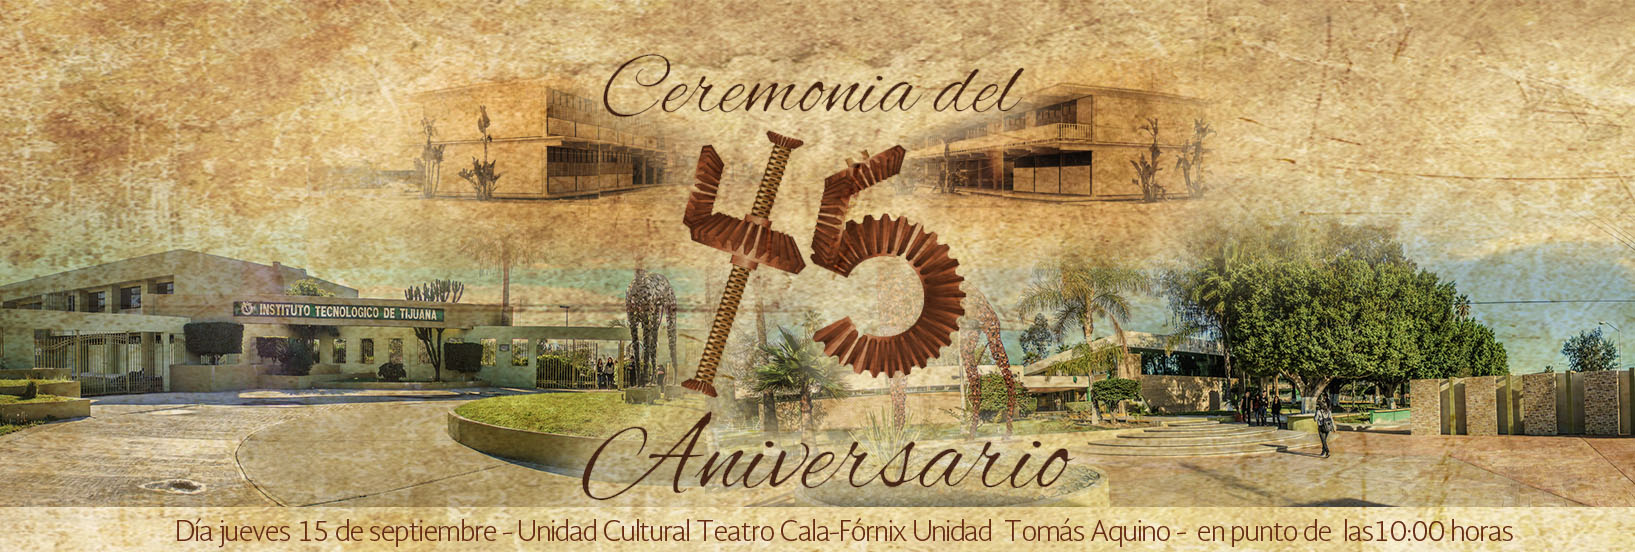 ceremonia-45-aniversario-slyder-2016-pruebas